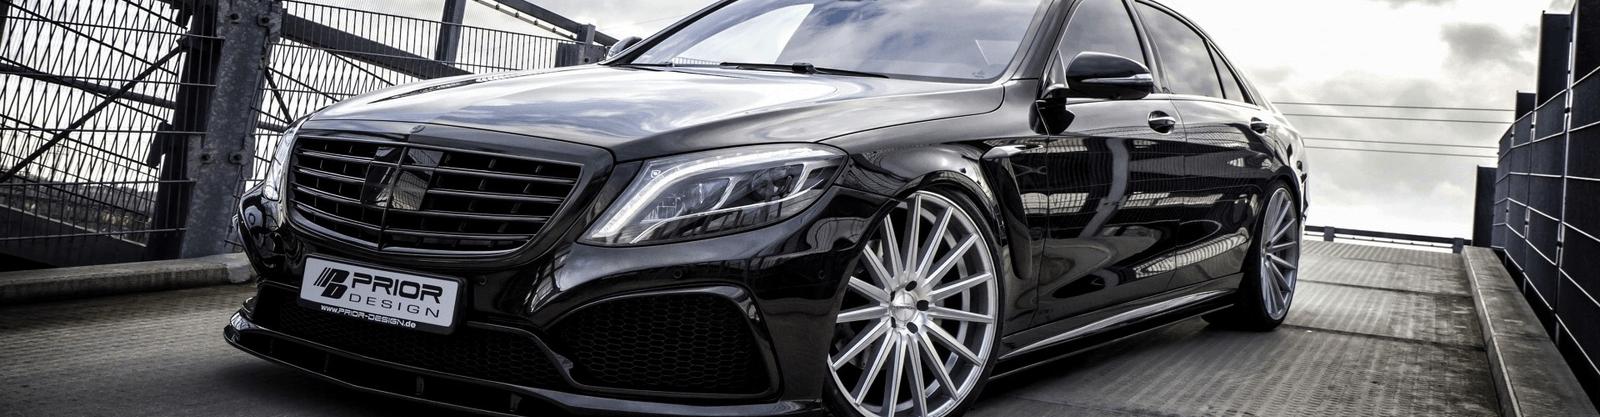 Ремонт автомобилей bmw и mercedes - Каталог фирм и организаций  Москвы -